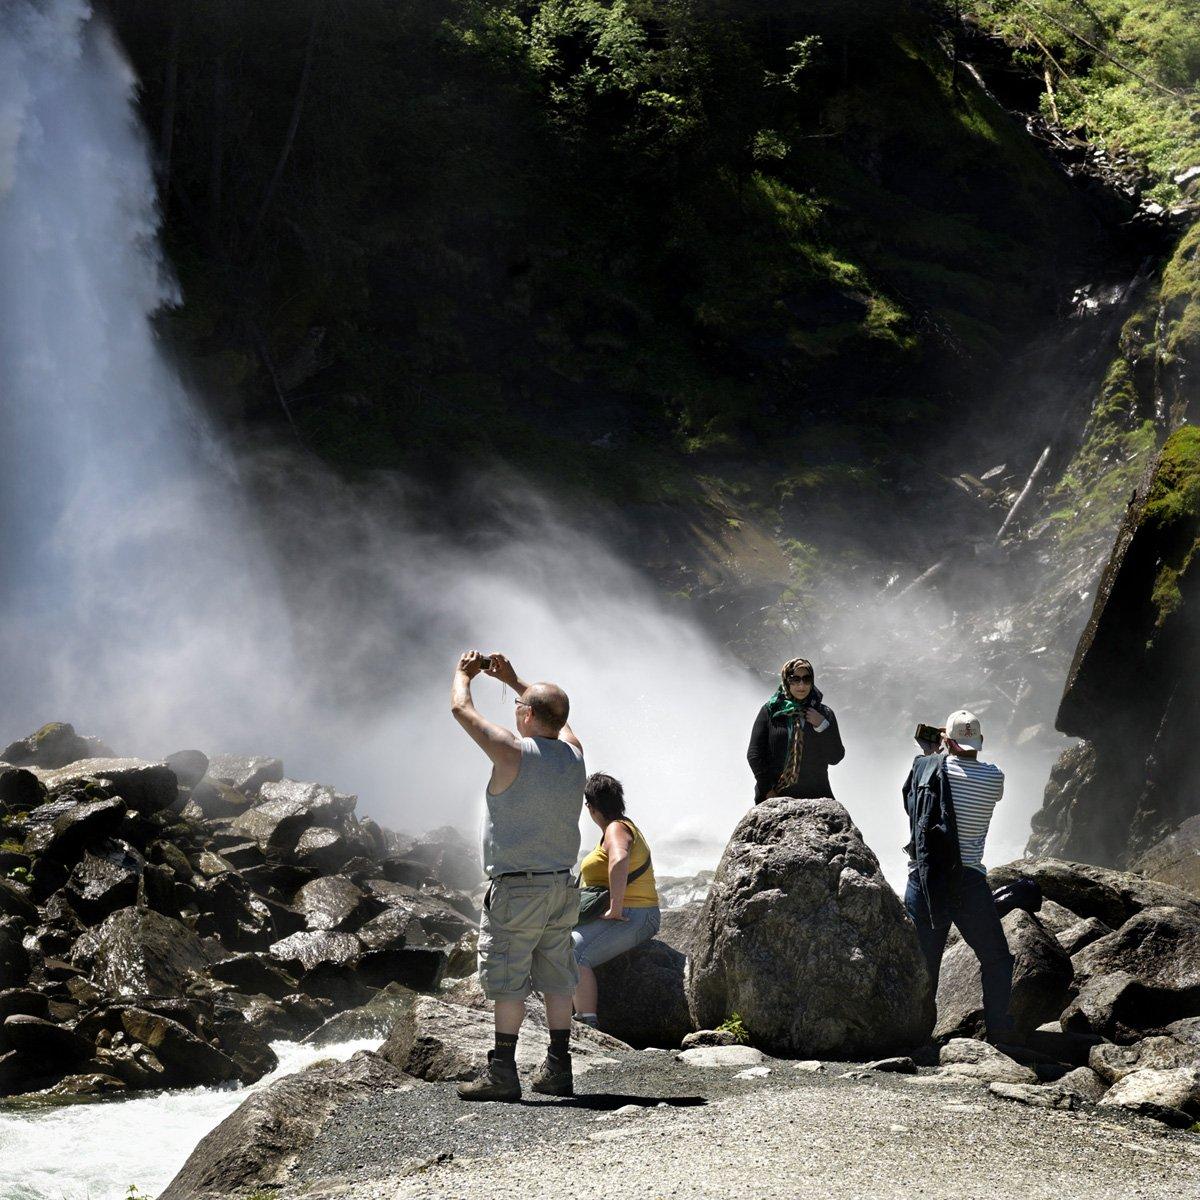 Turistas do Oriente Médio invadem cidade idílica alpina para escapar do calor do verão escaldante 13